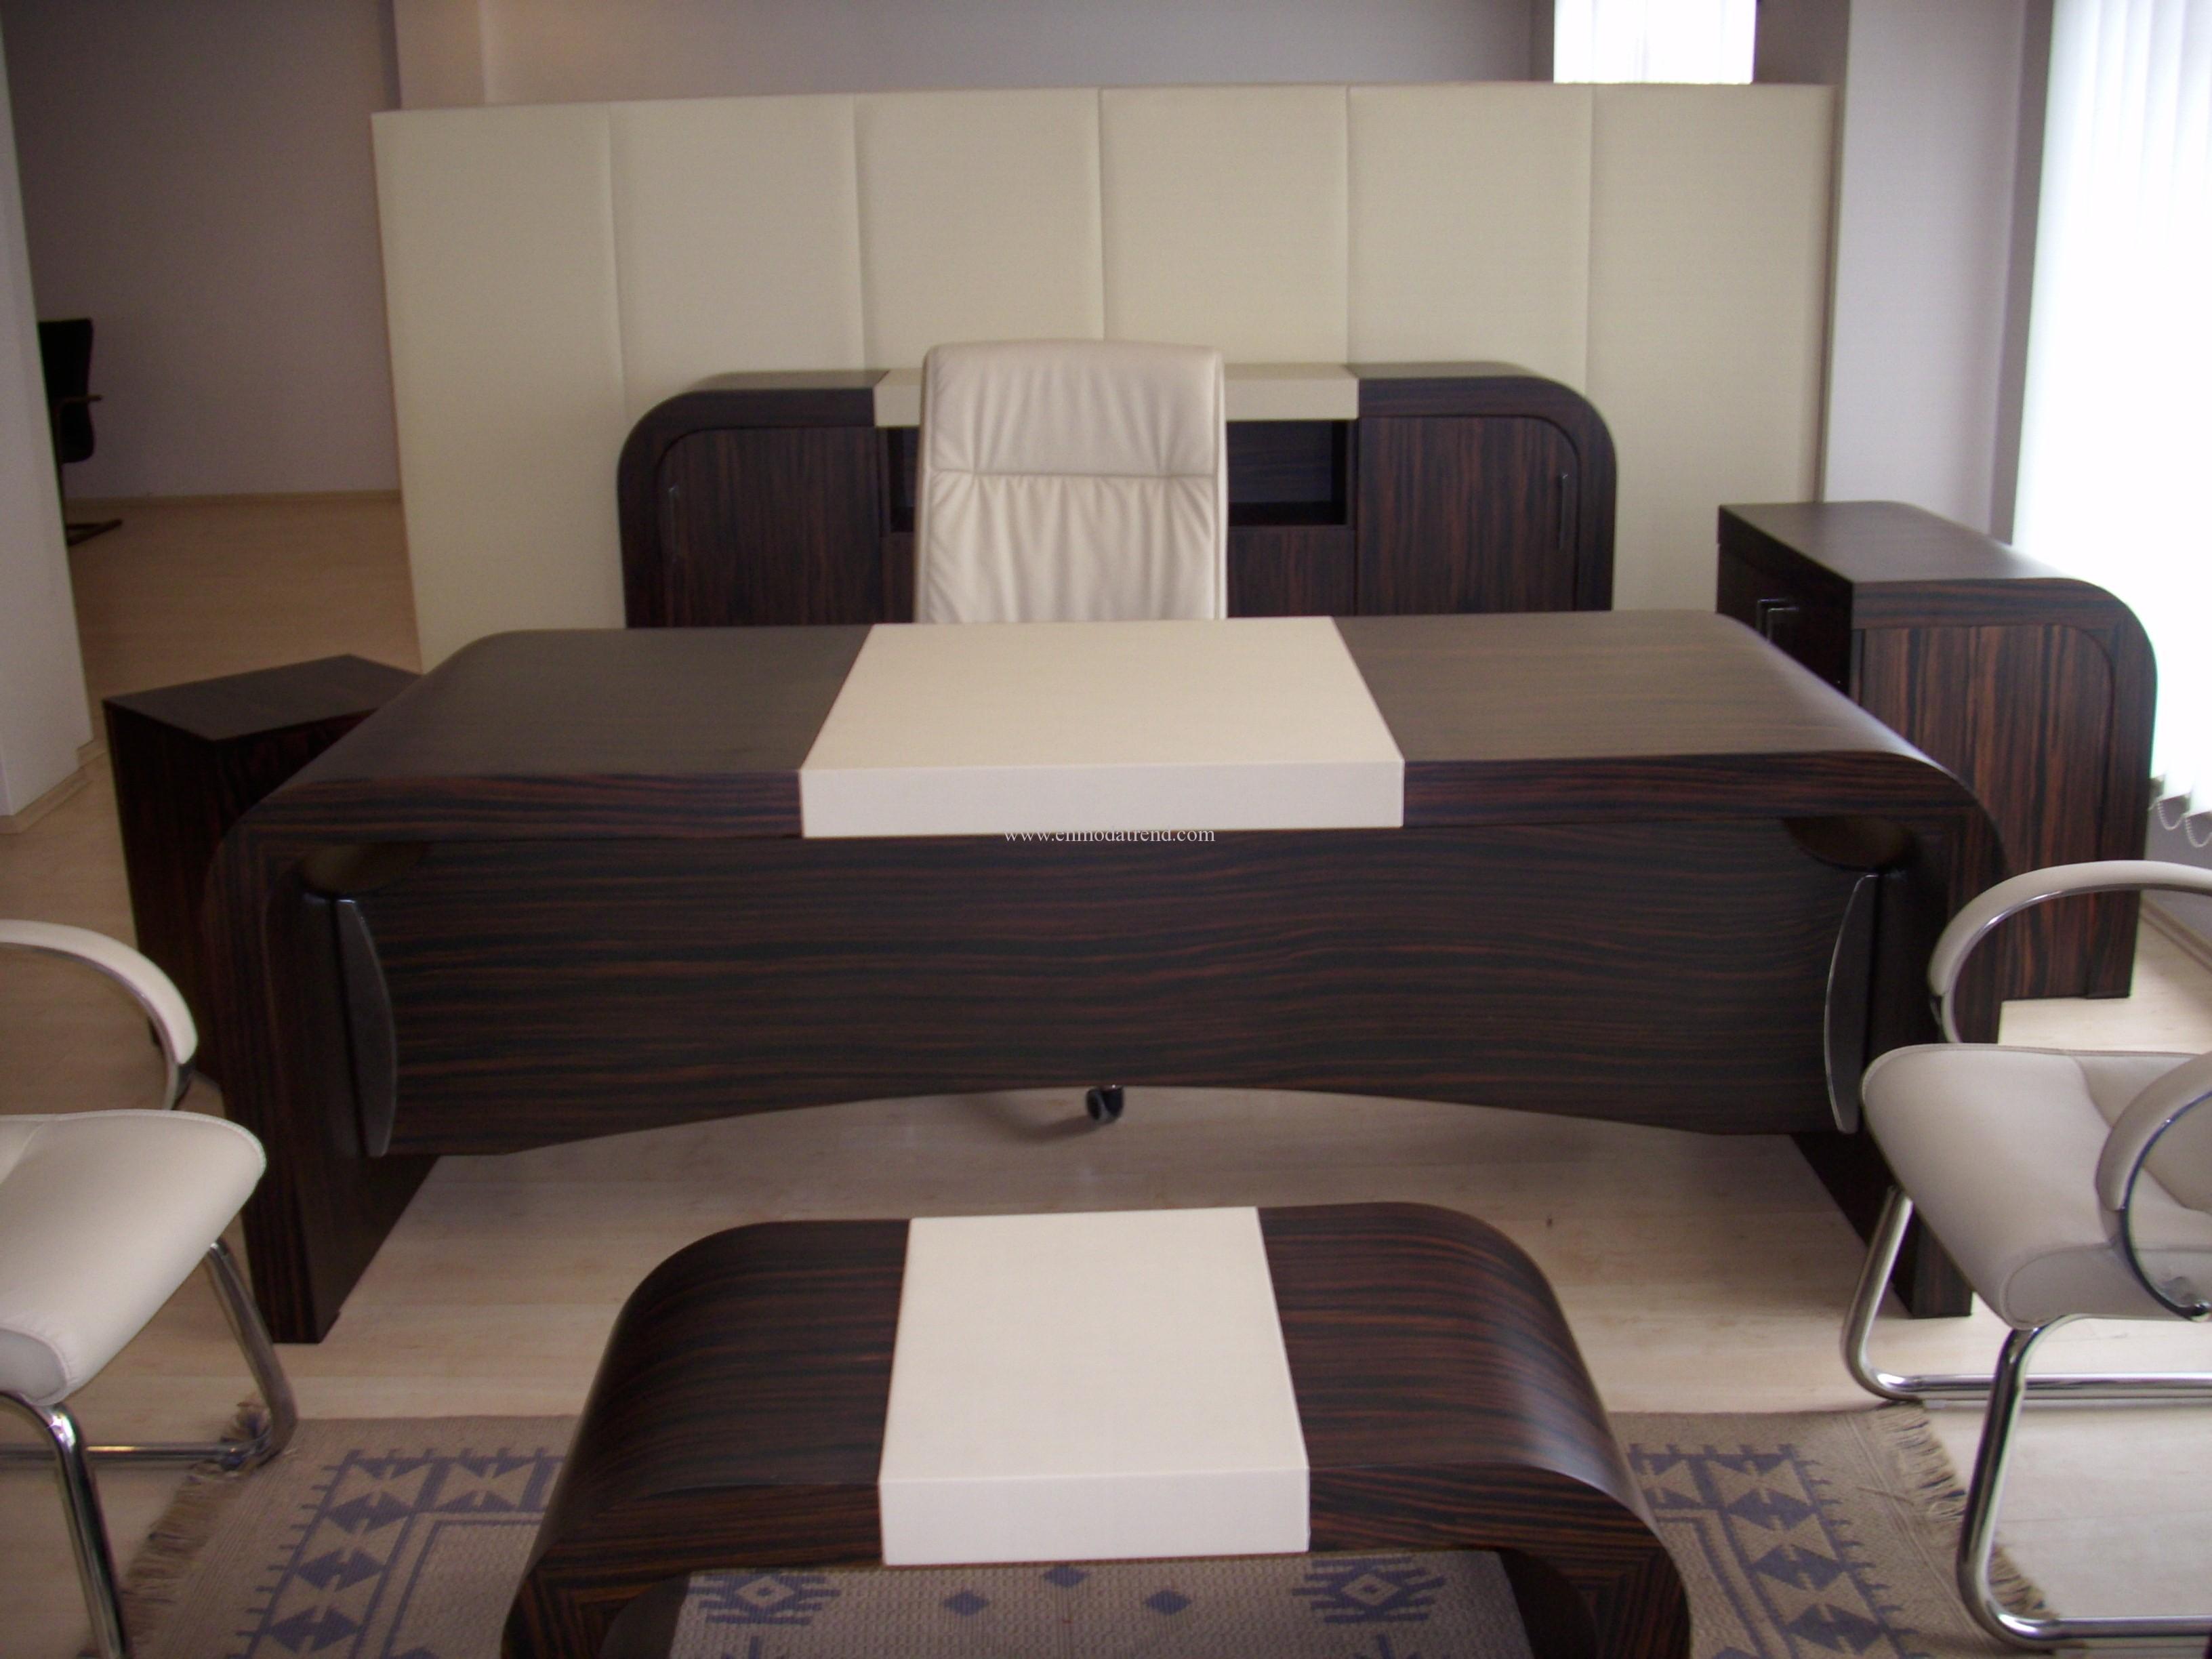 spot büro mobilyaları (4)